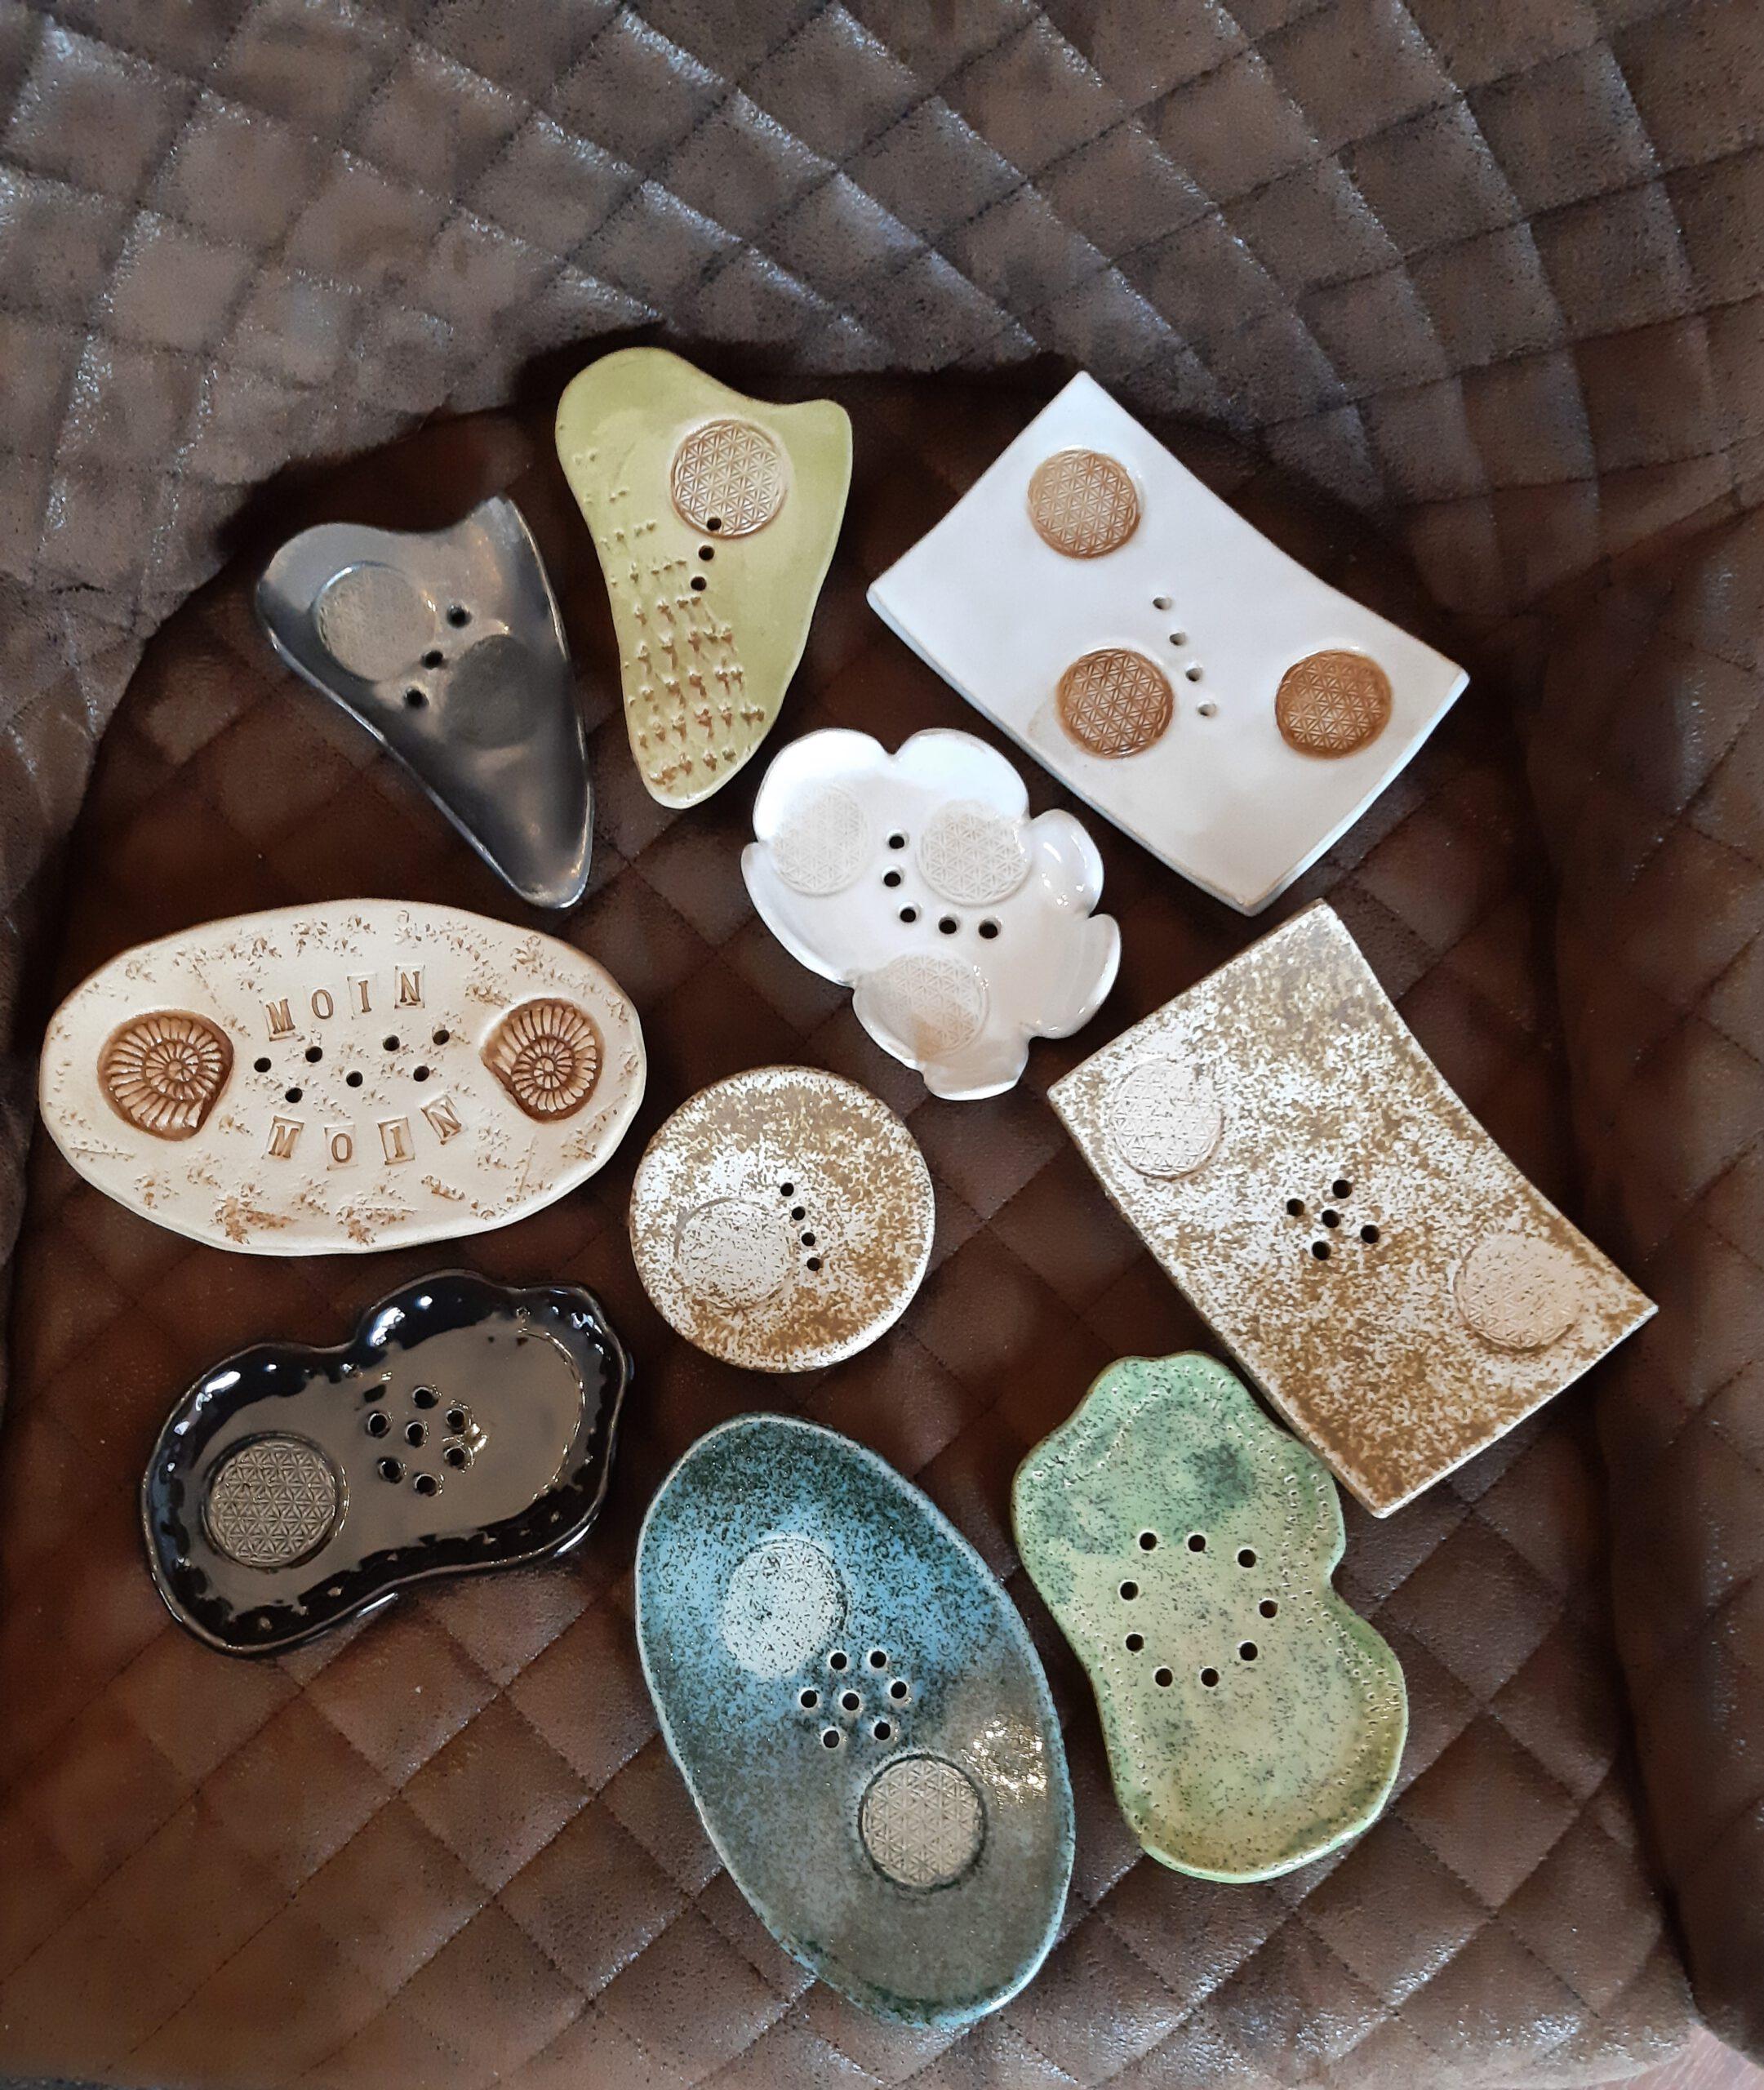 Seifenschale, Handarbeit, Keramik, Keramik von Herz zu Herz, Augsburg, Unikate aus Ton, Badezimmerartikel, Geschenke von Hand gemacht